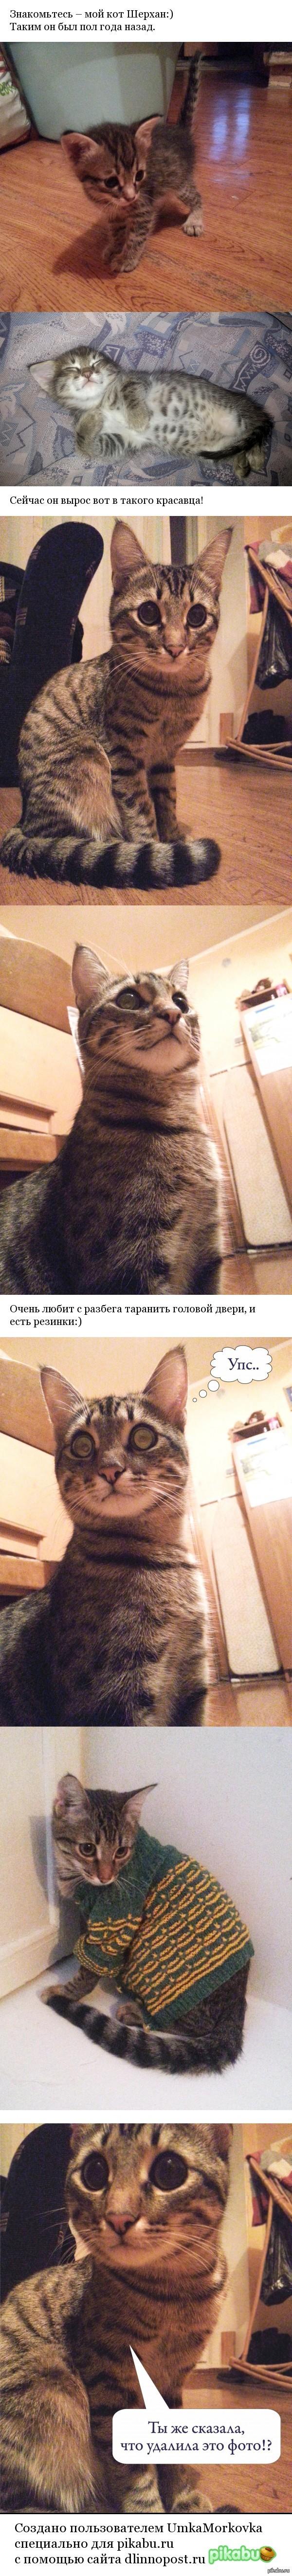 Мой котейка:) Обожает есть варёную кукурузу и таскать батон из хлебницы)